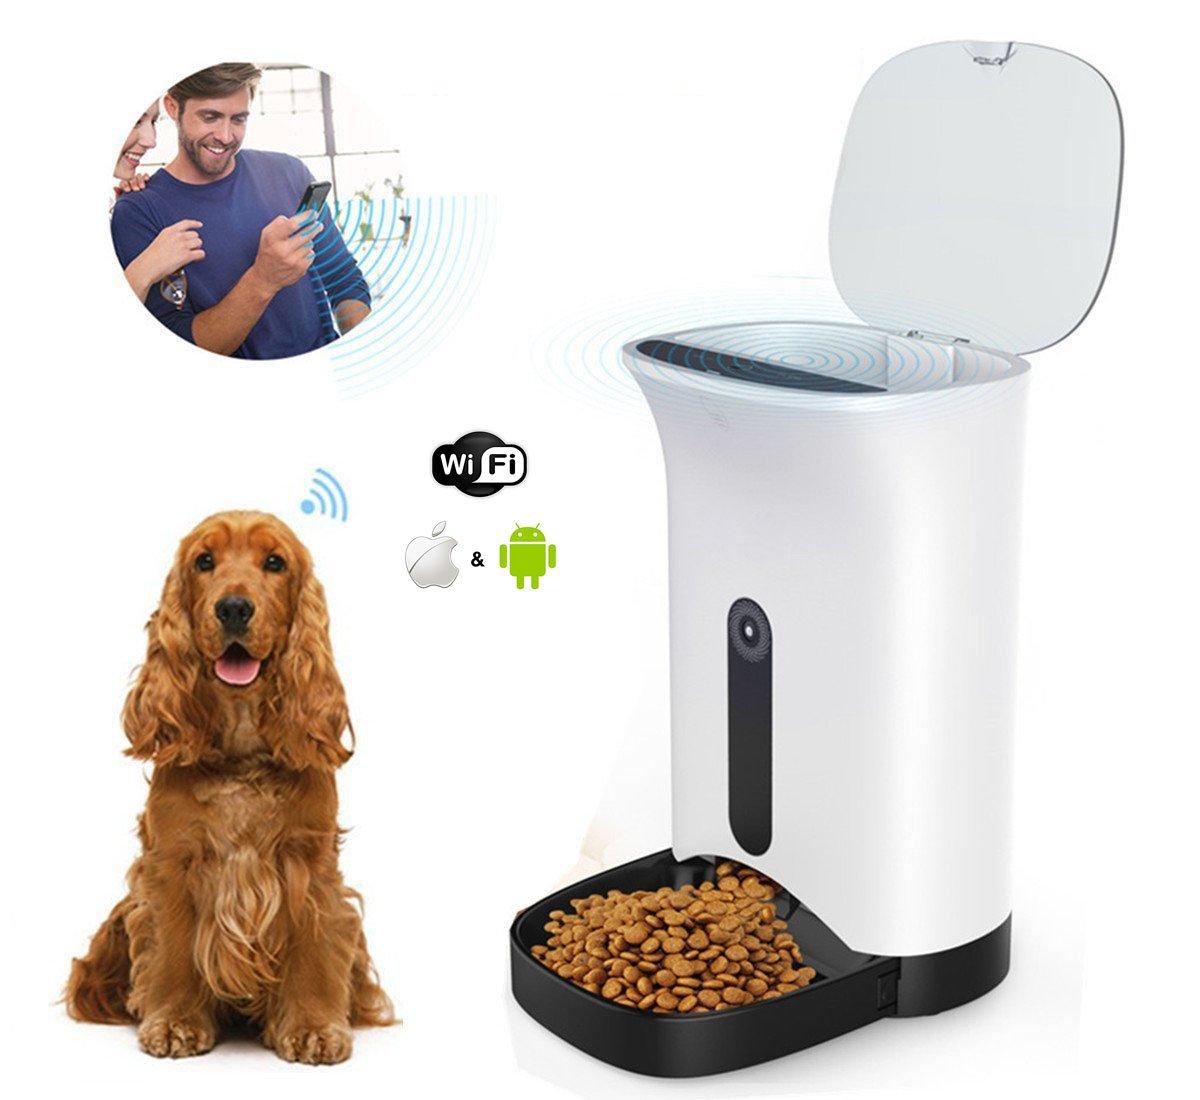 Home-Neat Automatic pet feeder Automatische Haustier Zufuhr Nahrungsmittelspender für Hunde und Katzen